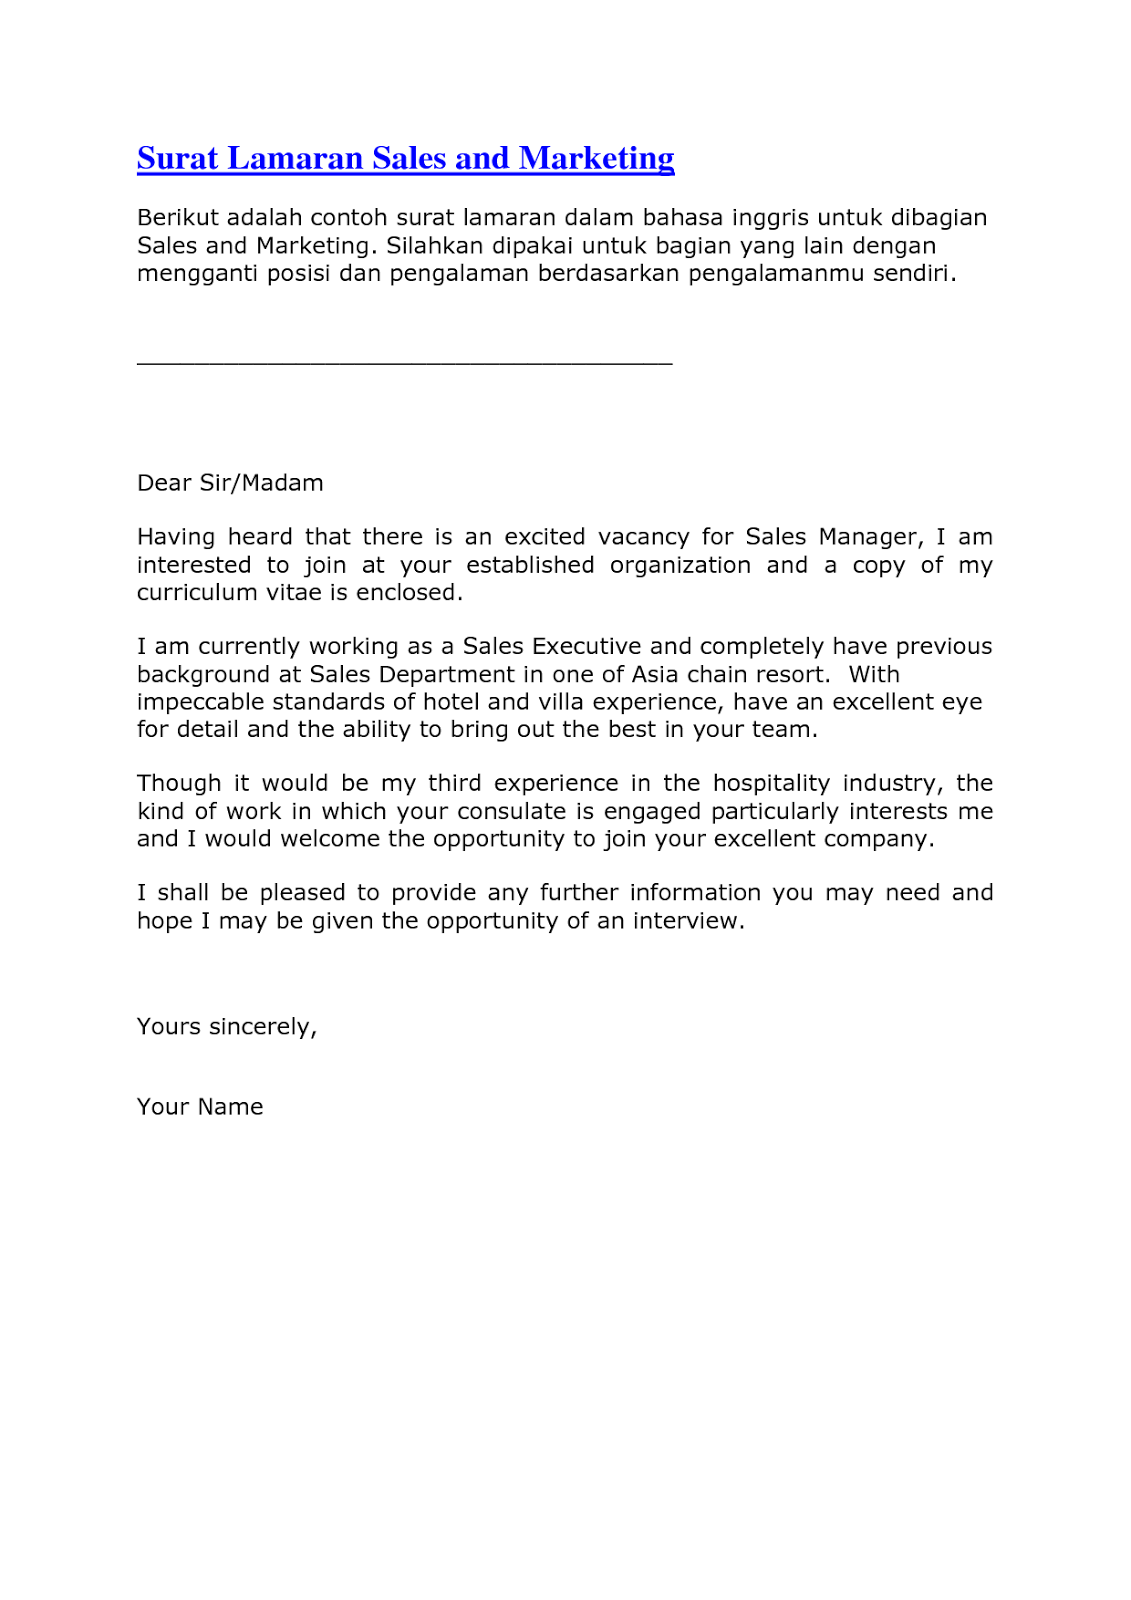 Contoh Surat Lamaran Kerja Bahasa Inggris untuk Fresh Graduate ...